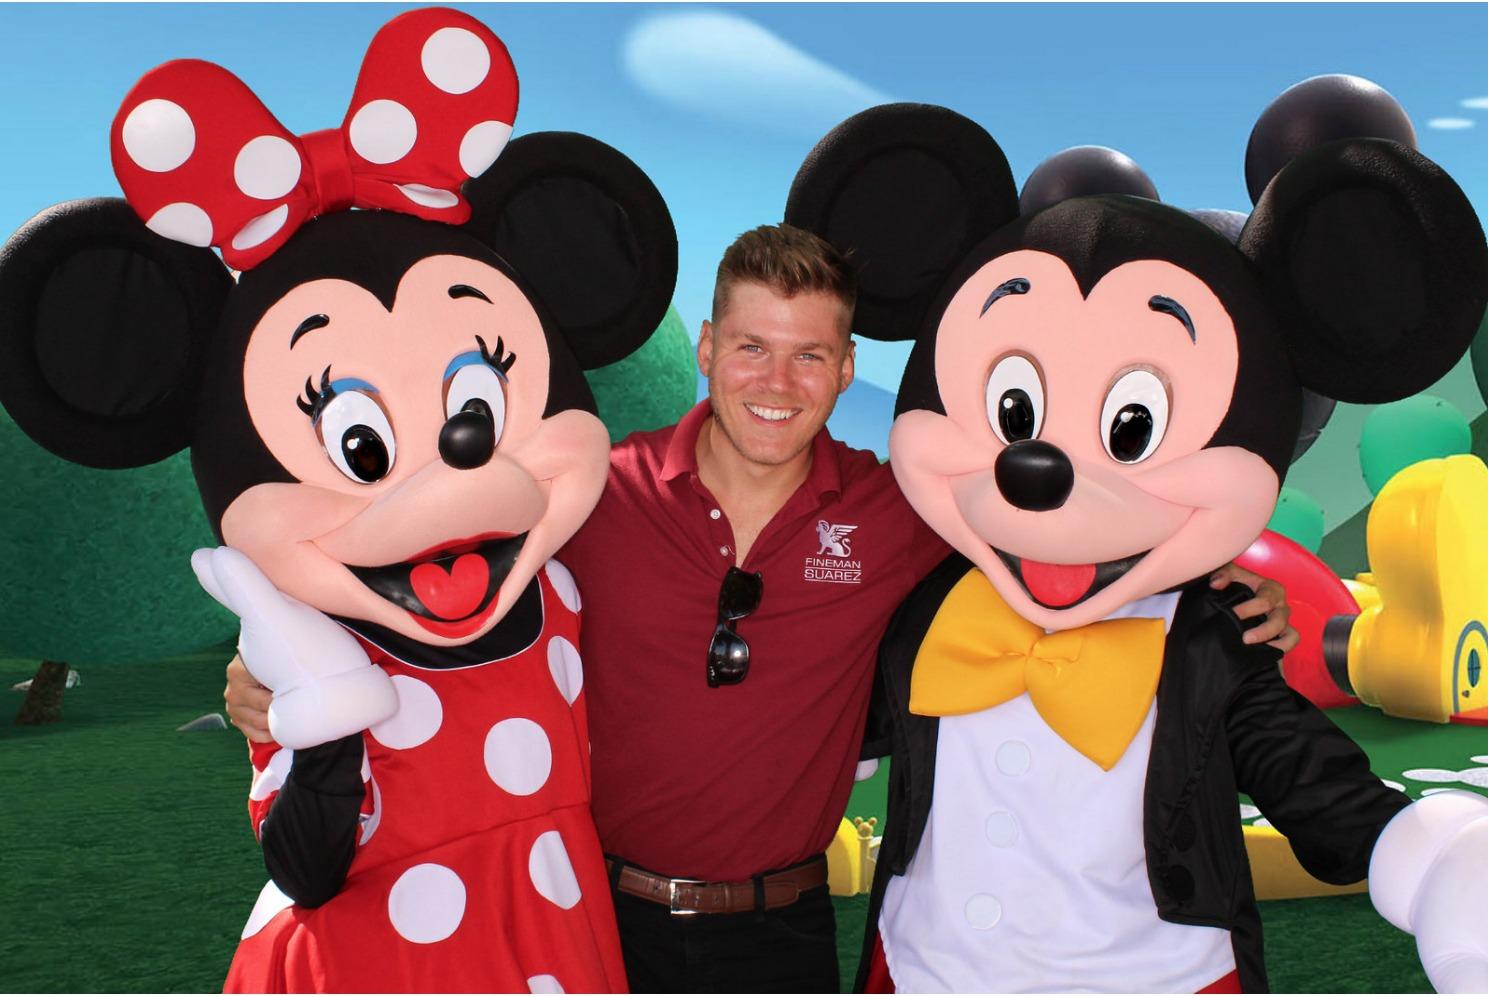 Disney Theme Event